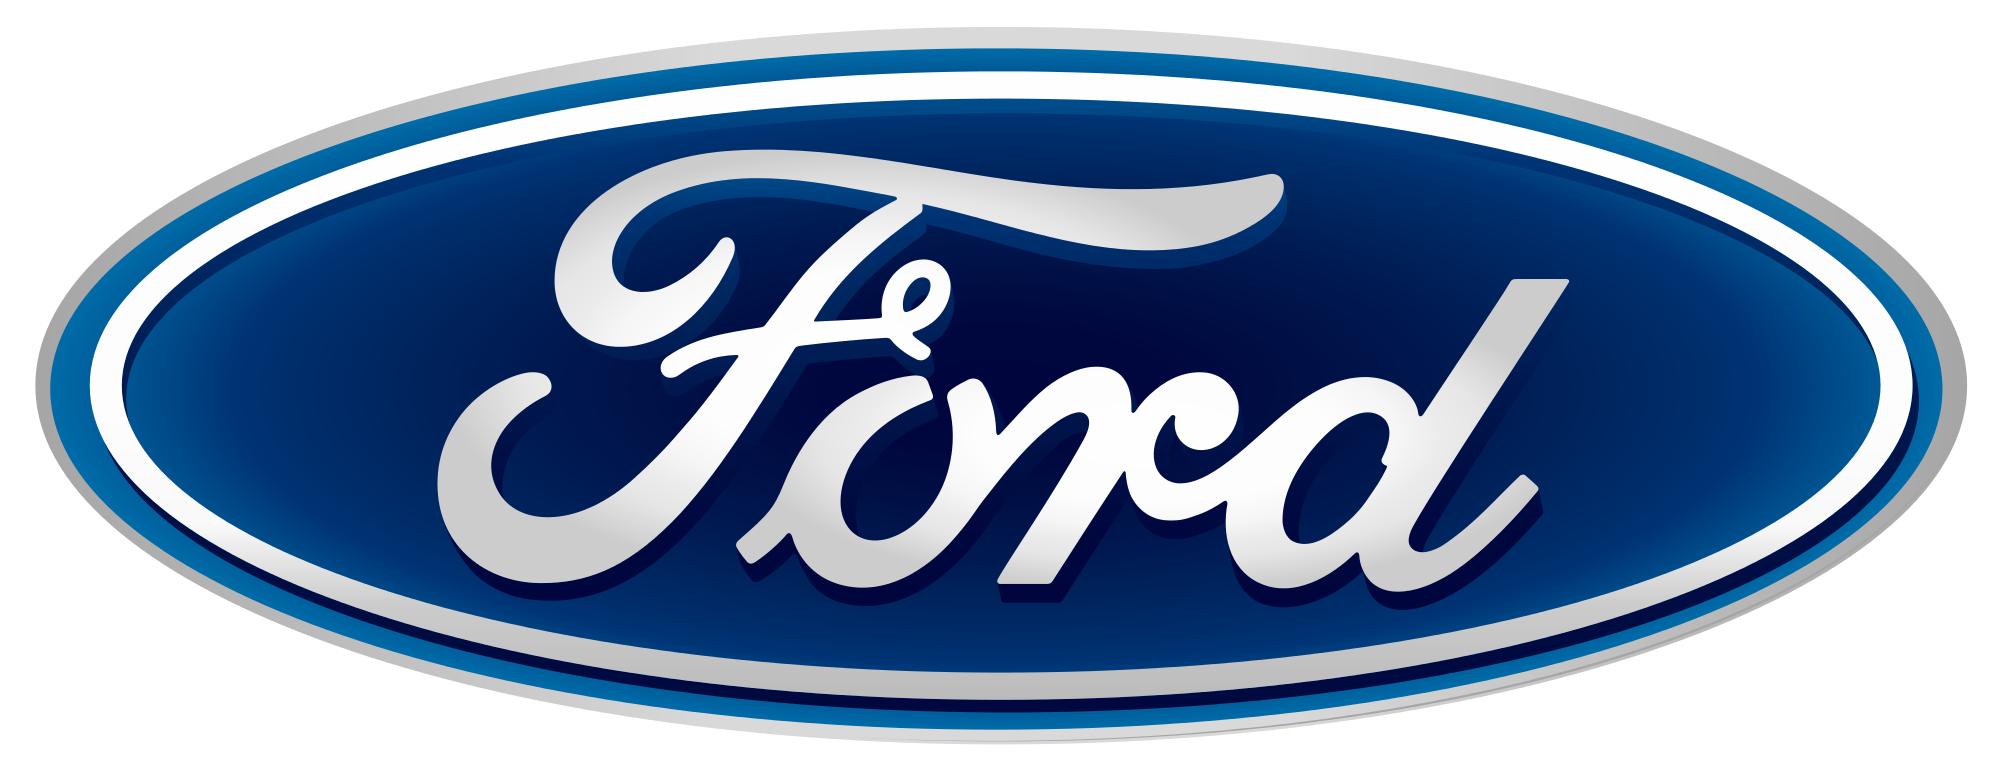 [Sous conditions] Contrôle technique pour les particuliers dans le réseau de concessionnaires et agents Ford participants